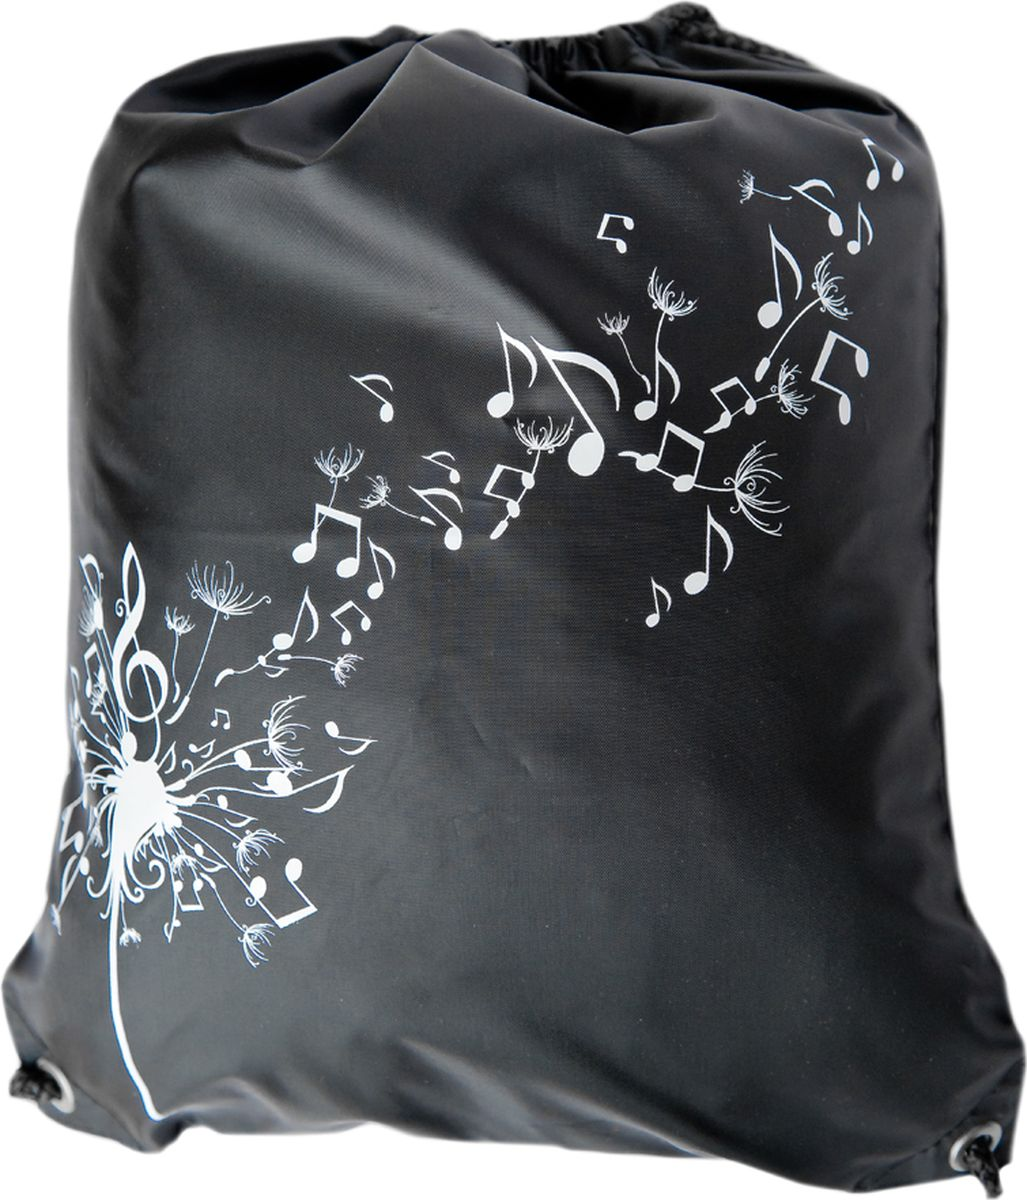 Мешок для обуви Музыка, цвет: черный, 350 х 440 мм00033черМешок для хранения вещей Музыка оформленный в стиле Спорт. Ограниченный выпуск!